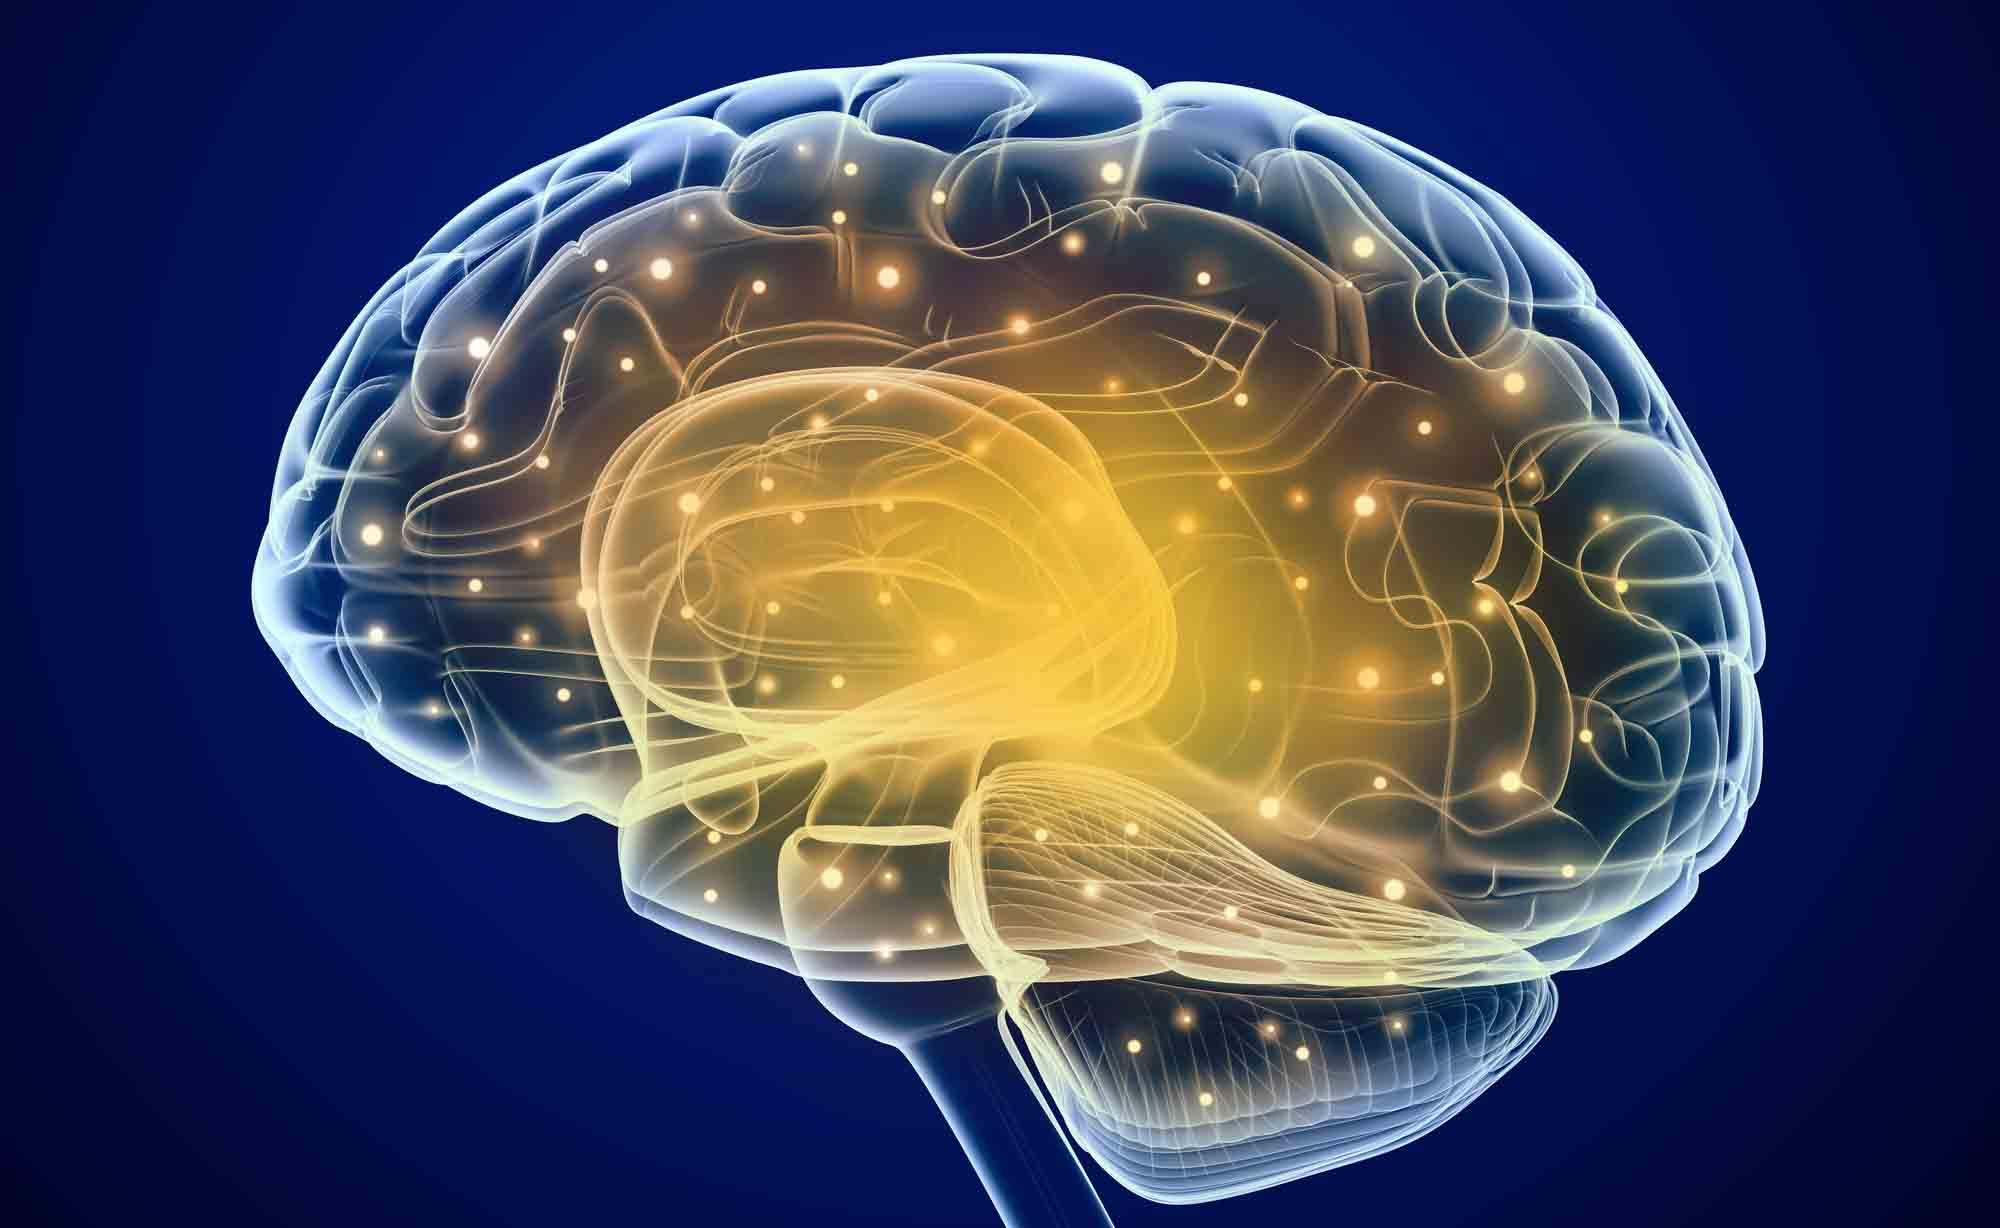 Ipertensione endocranica: quei sintomi difficili da riconoscere